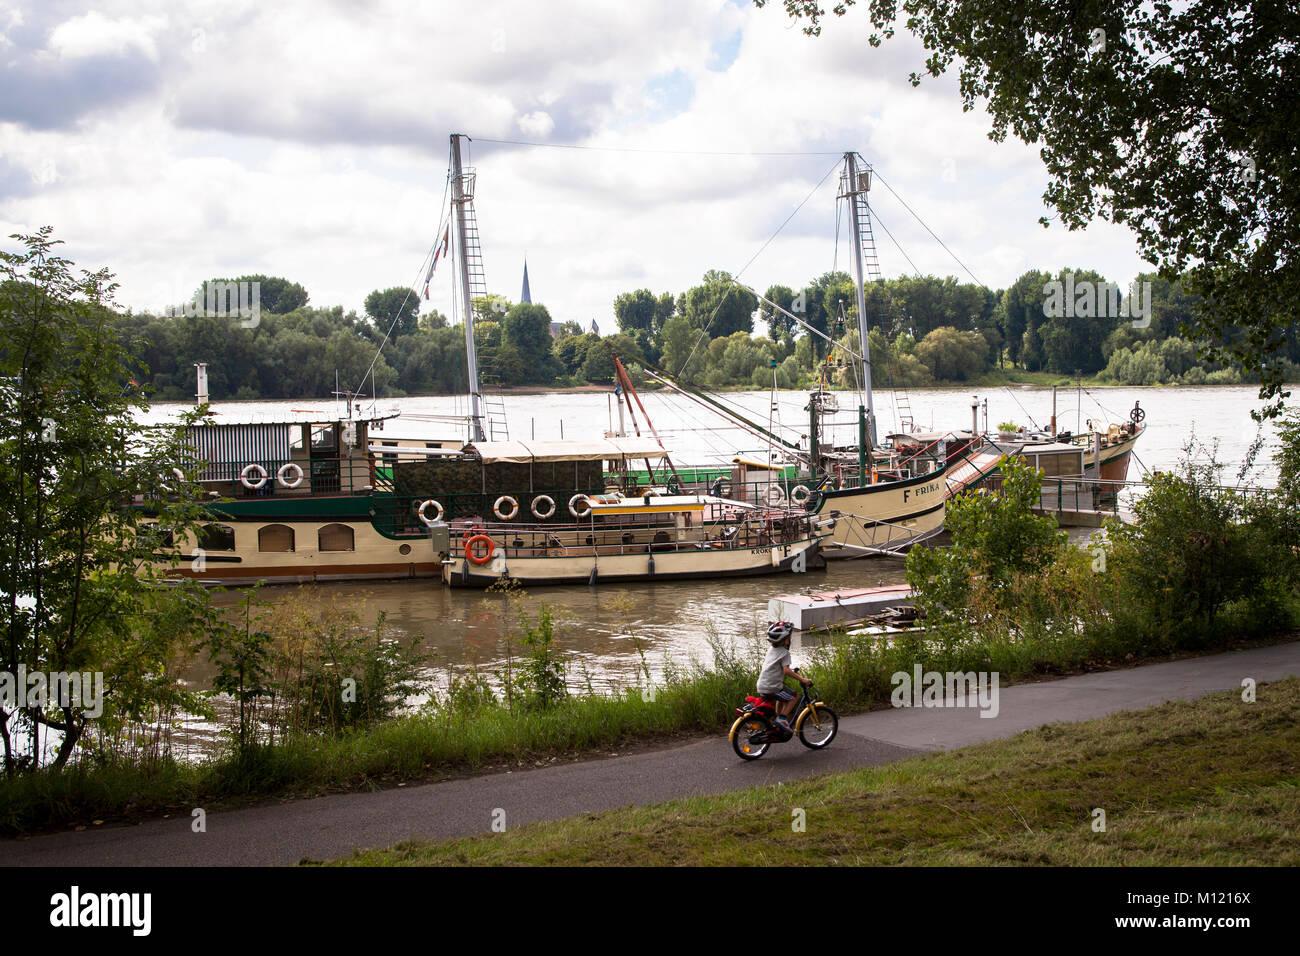 Deutschland, Köln, alte Schiffe am Ufer des Rheins im Ortsteil Weiss. Deutschland, Koeln, alte Schiffe am Rheinufer Stockbild